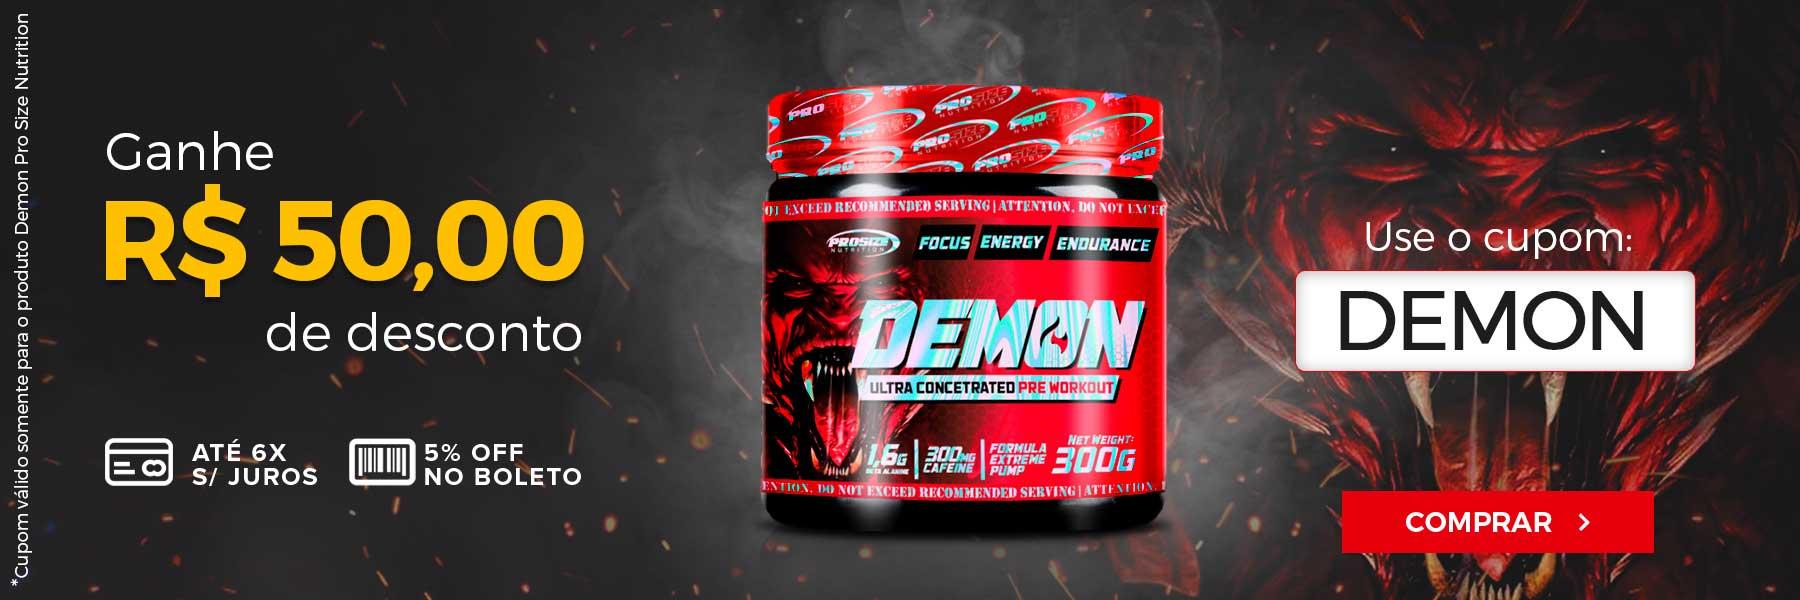 Demon Pro Size Nutrition